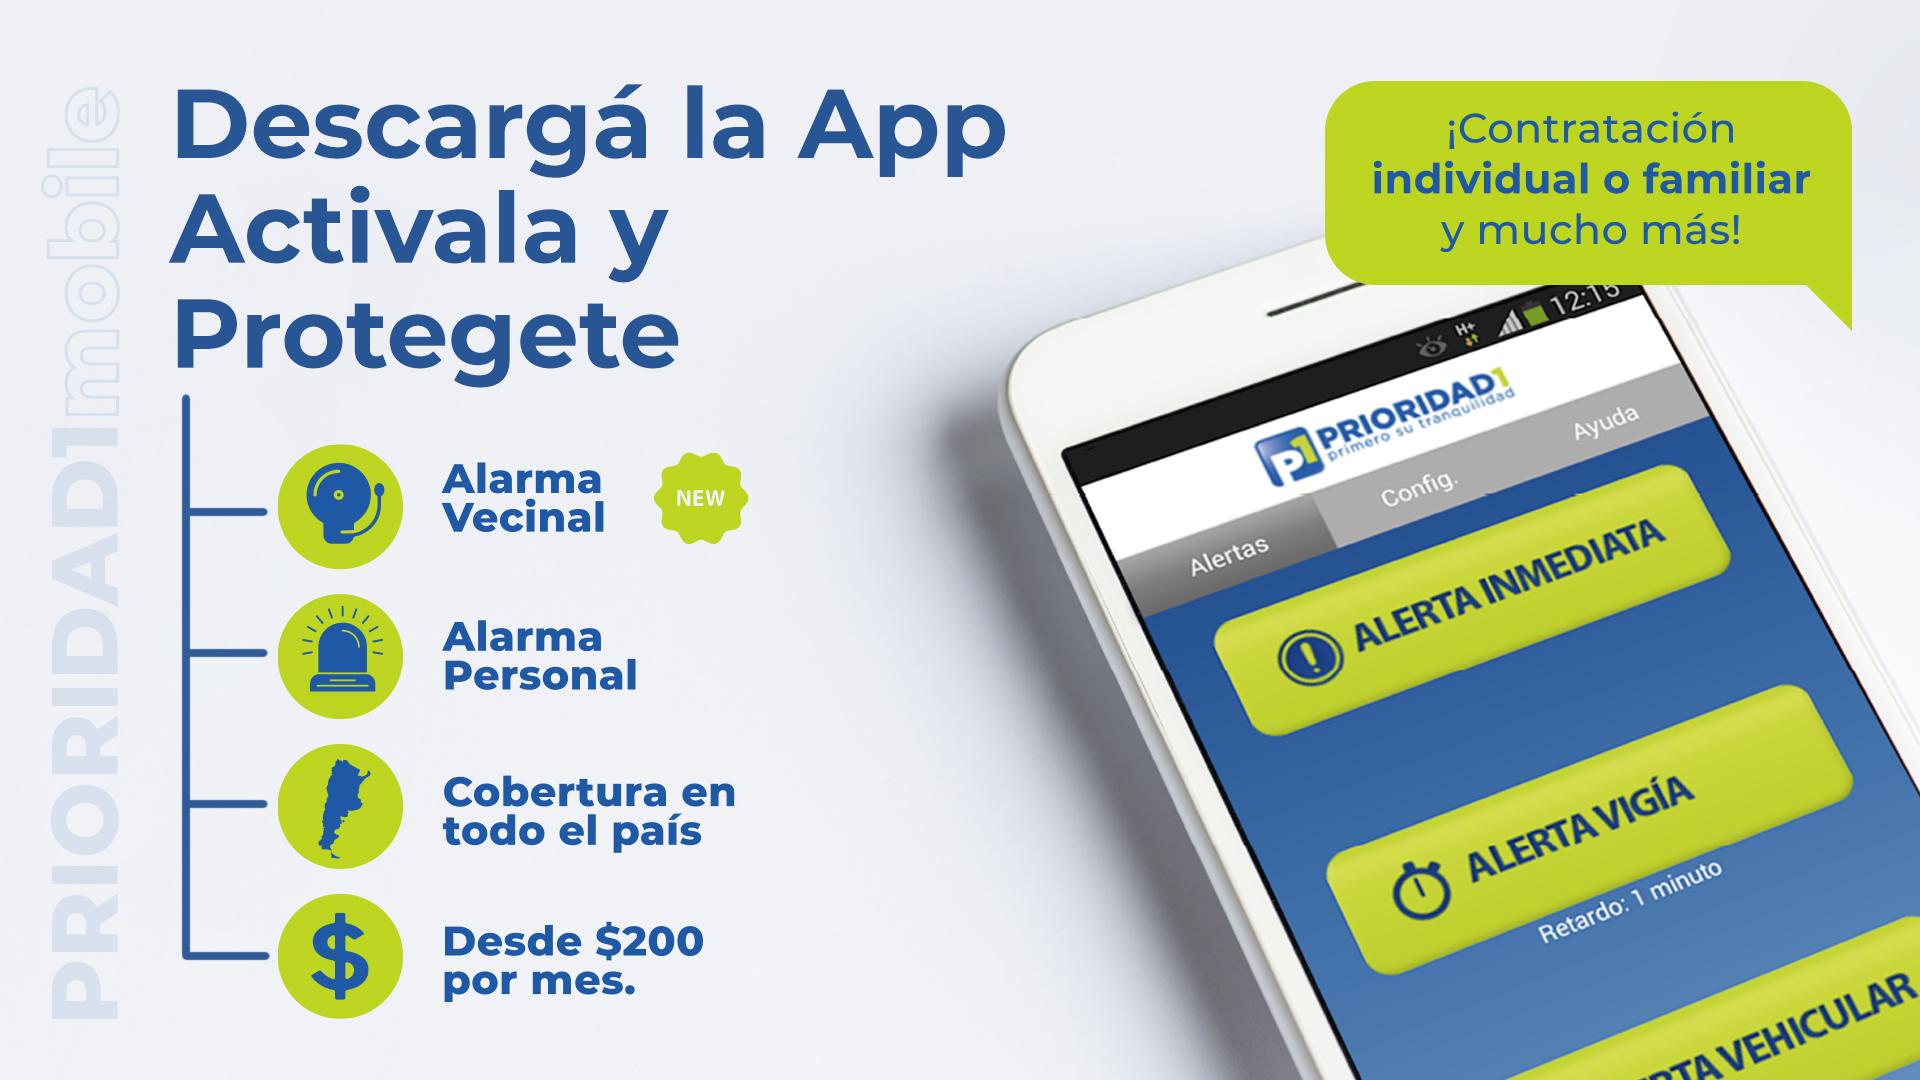 Descargá la app, activala y protegete